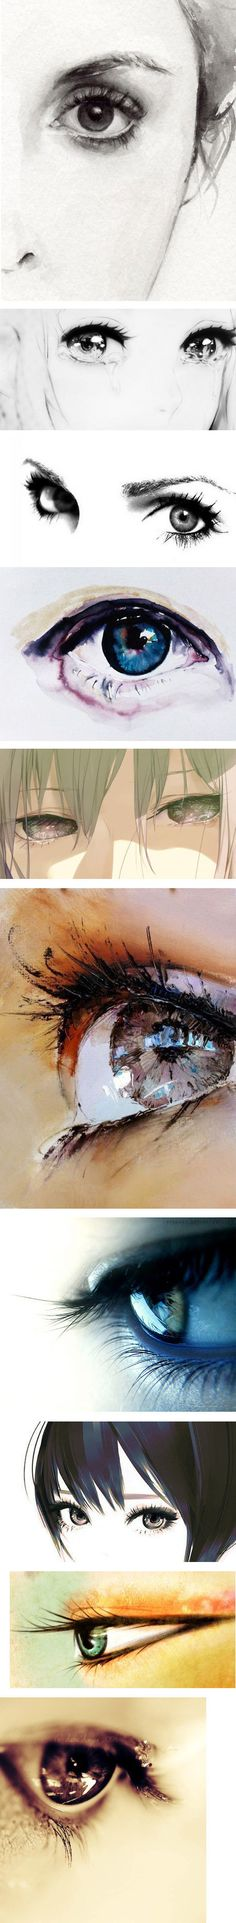 【设计/插画】漂亮的手绘眼睛